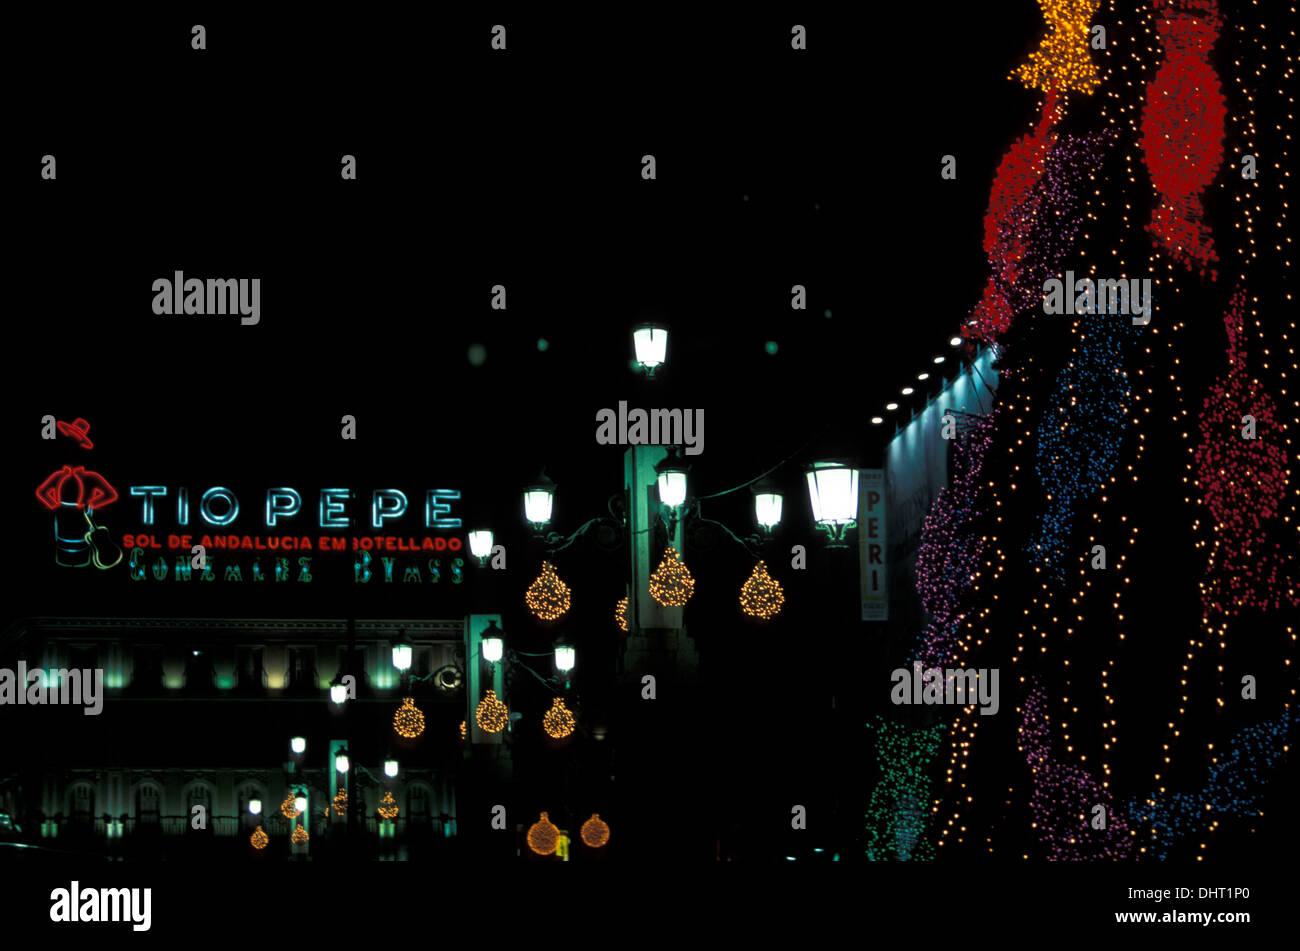 Las luces de Navidad en la Puerta del Sol de Madrid con el que no aparezca ya Tio Pepe anuncio. Imagen De Stock